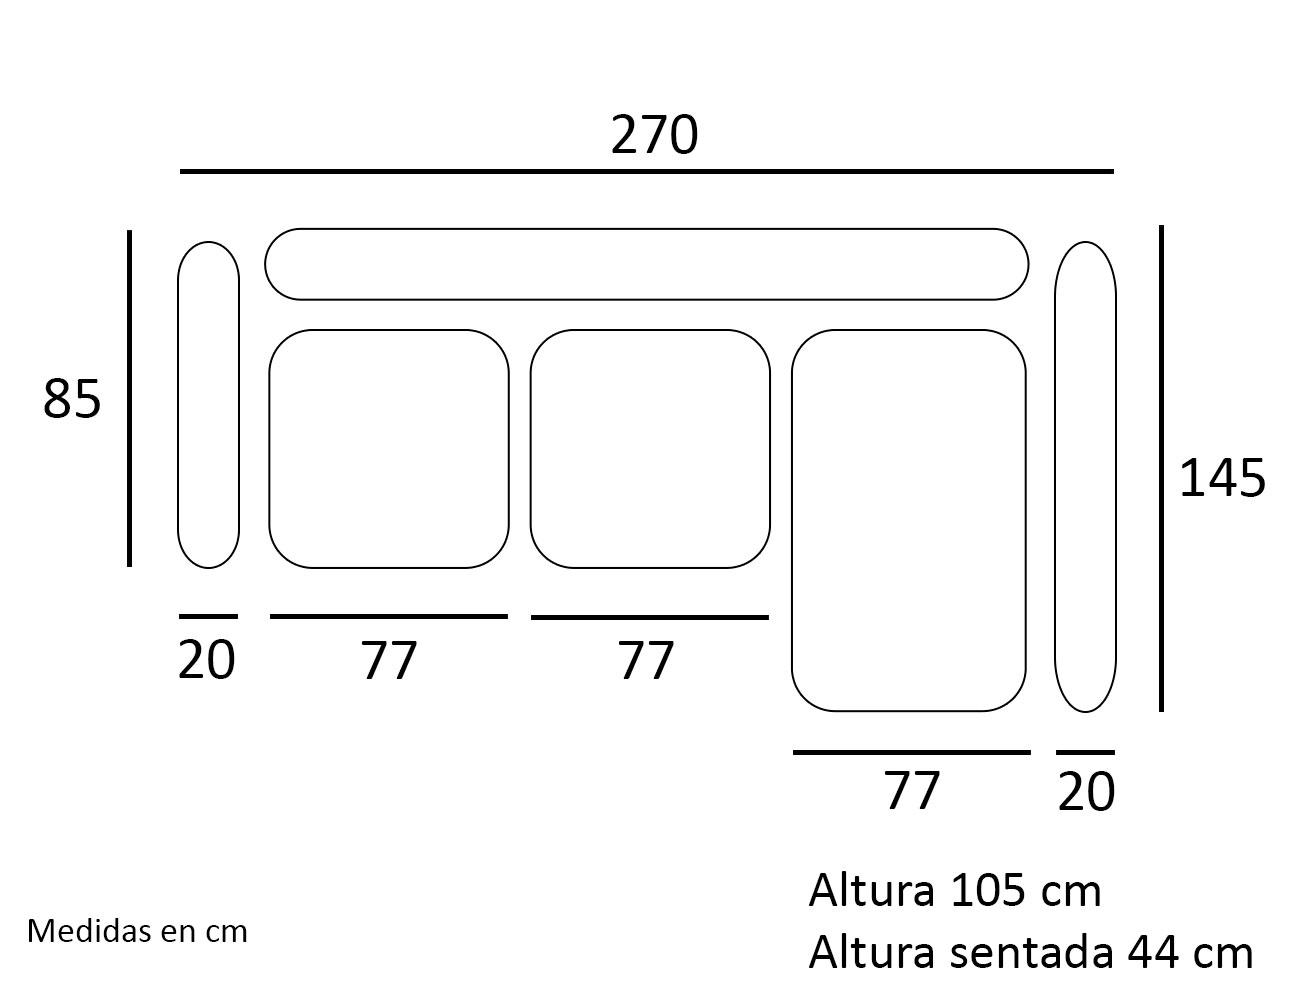 Croquis chaiselongue sofa derecho 2709